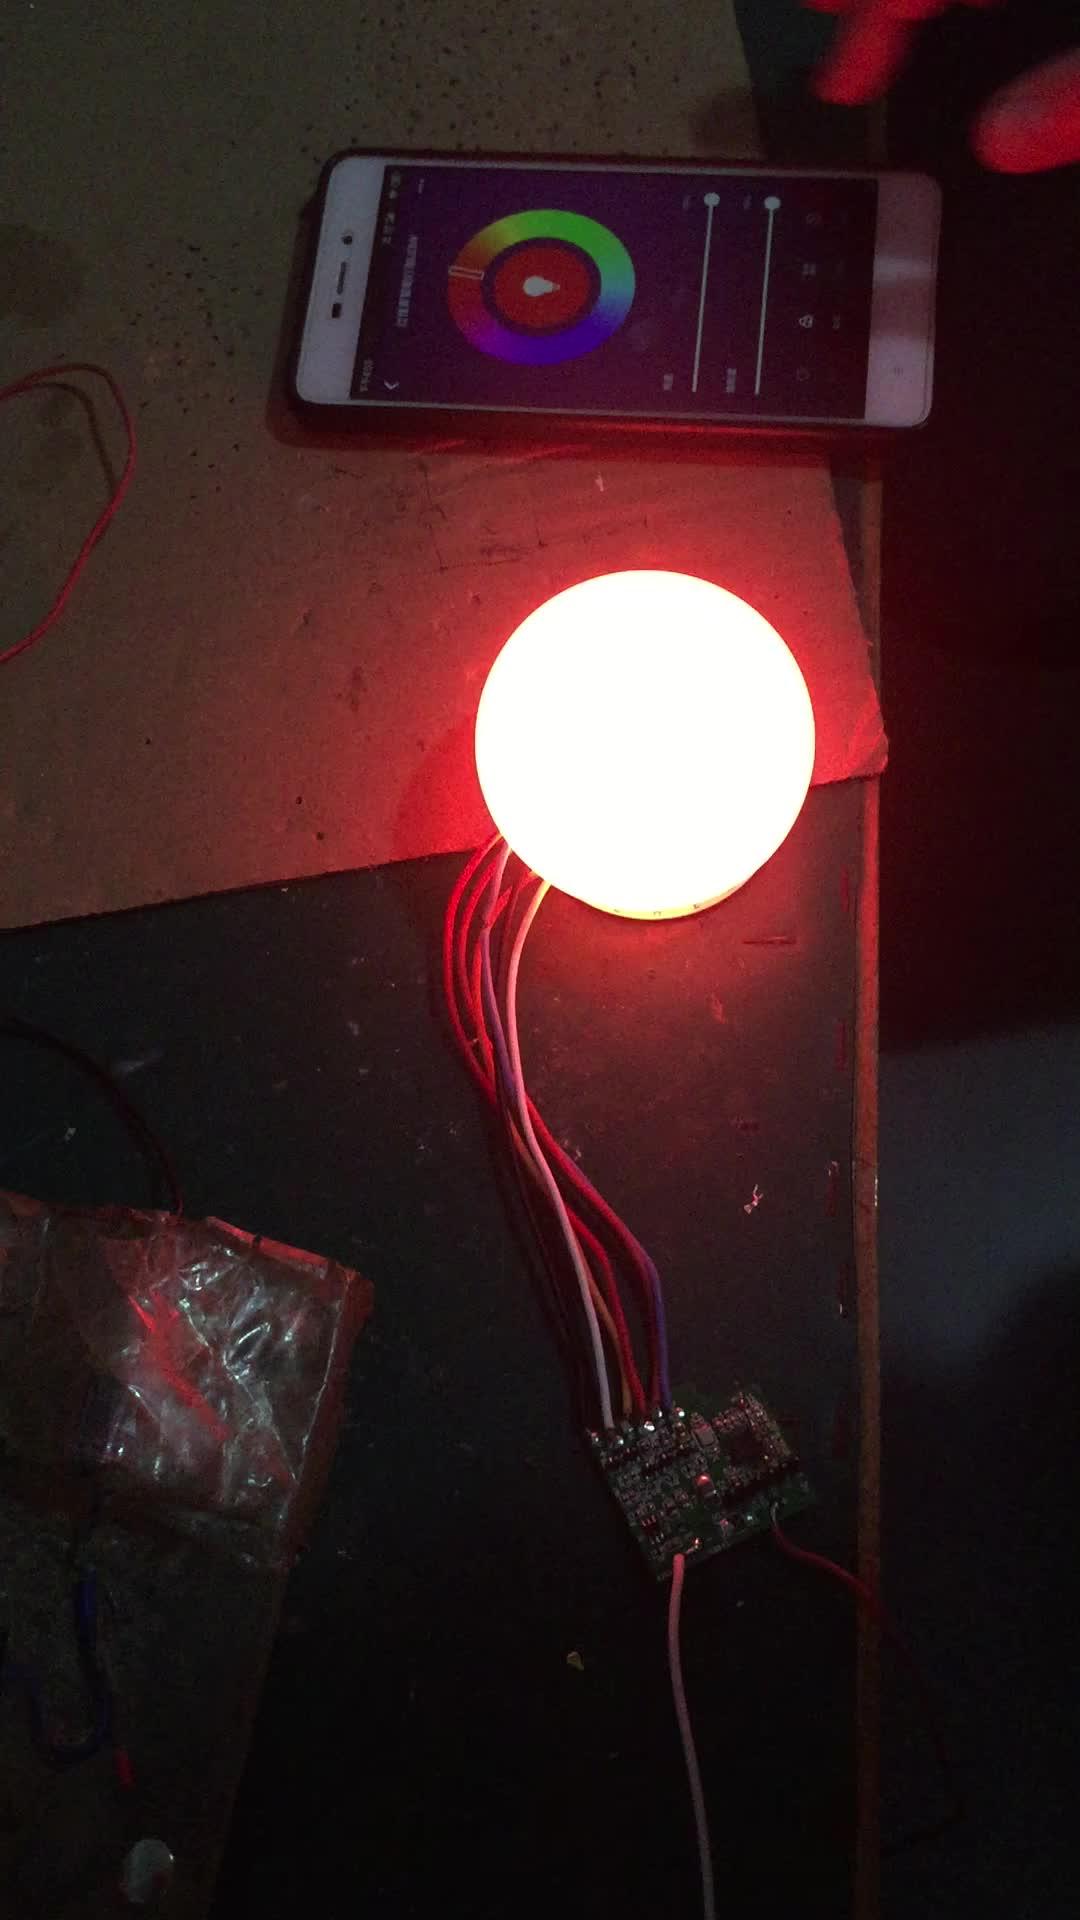 Remote Kontrol Suara E27 Dimmable LED RGB Biaya Hemat Energi Wifi Smart Lampu Bohlam Kompatibel dengan Alexa Asisten Google